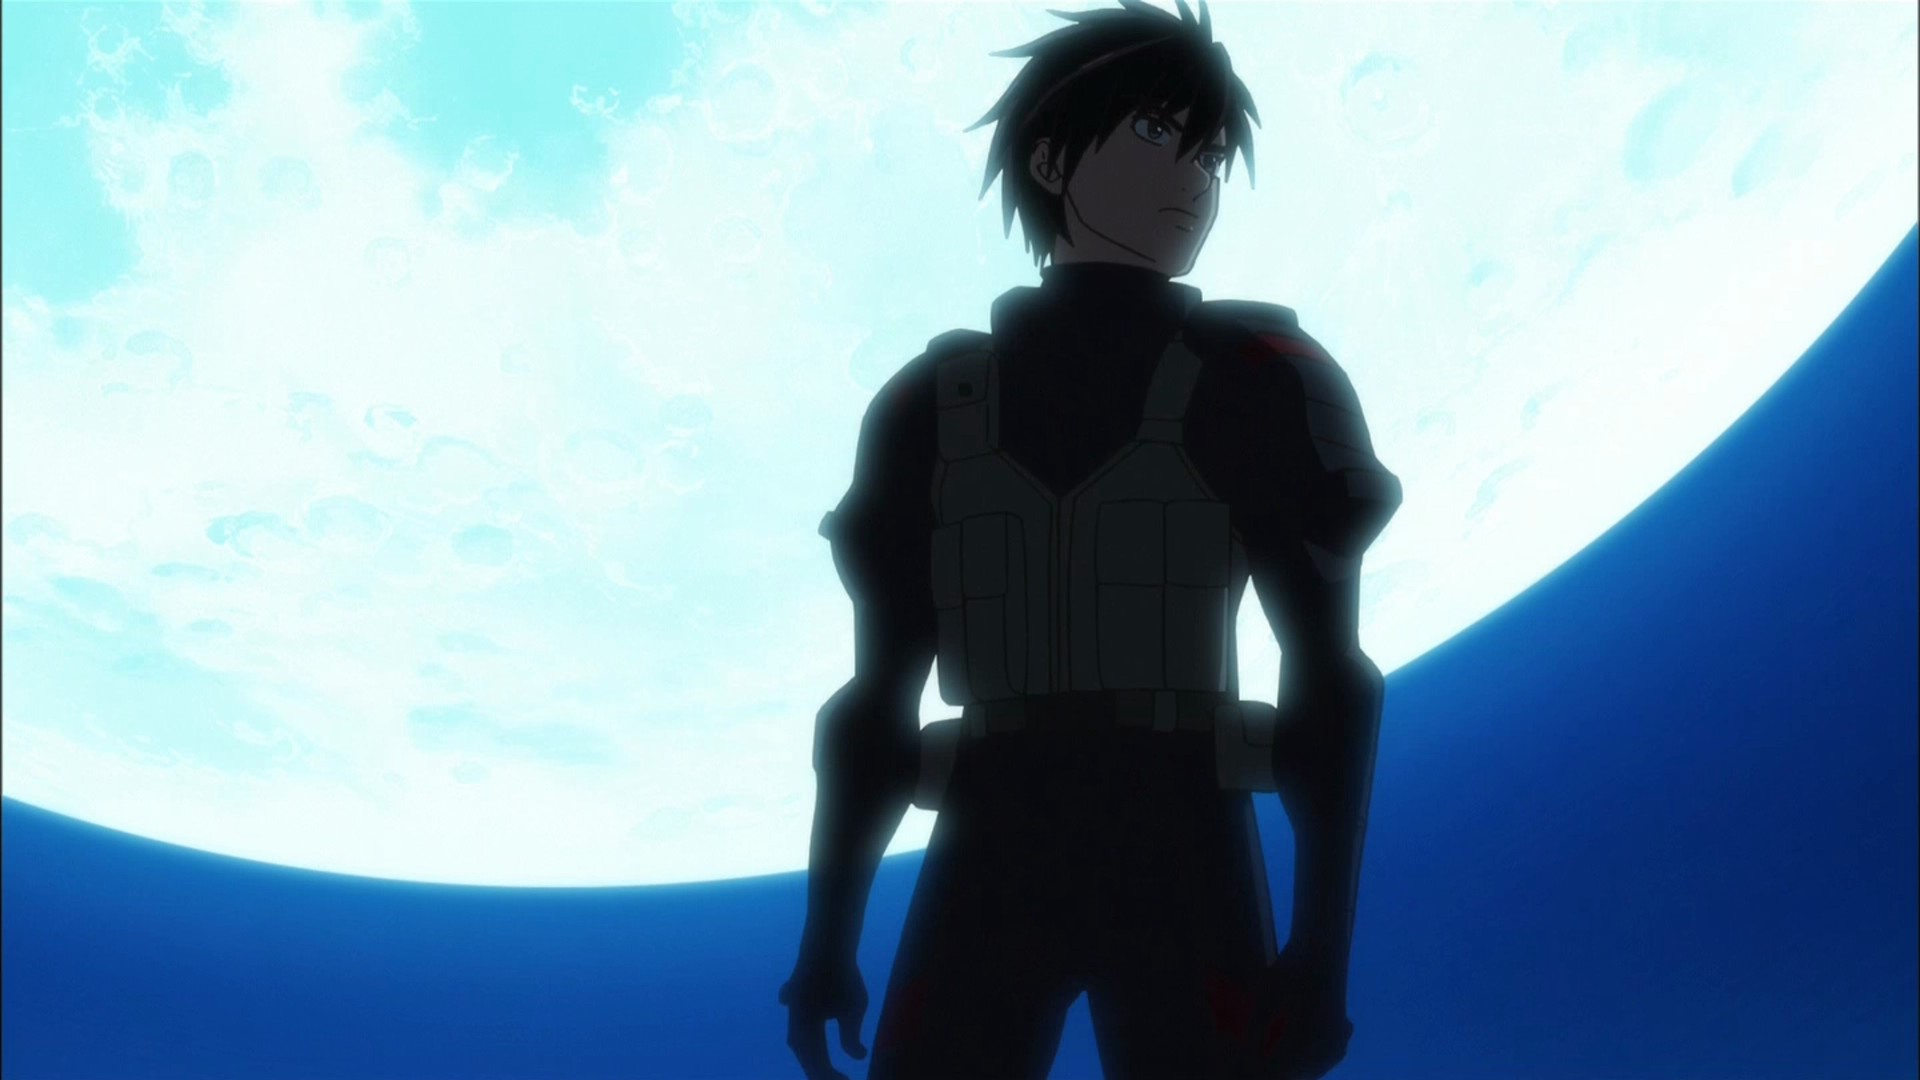 フルメタル・パニック!IV 第七話「ジャイアント・キリング」視聴感想【ネタバレあり】